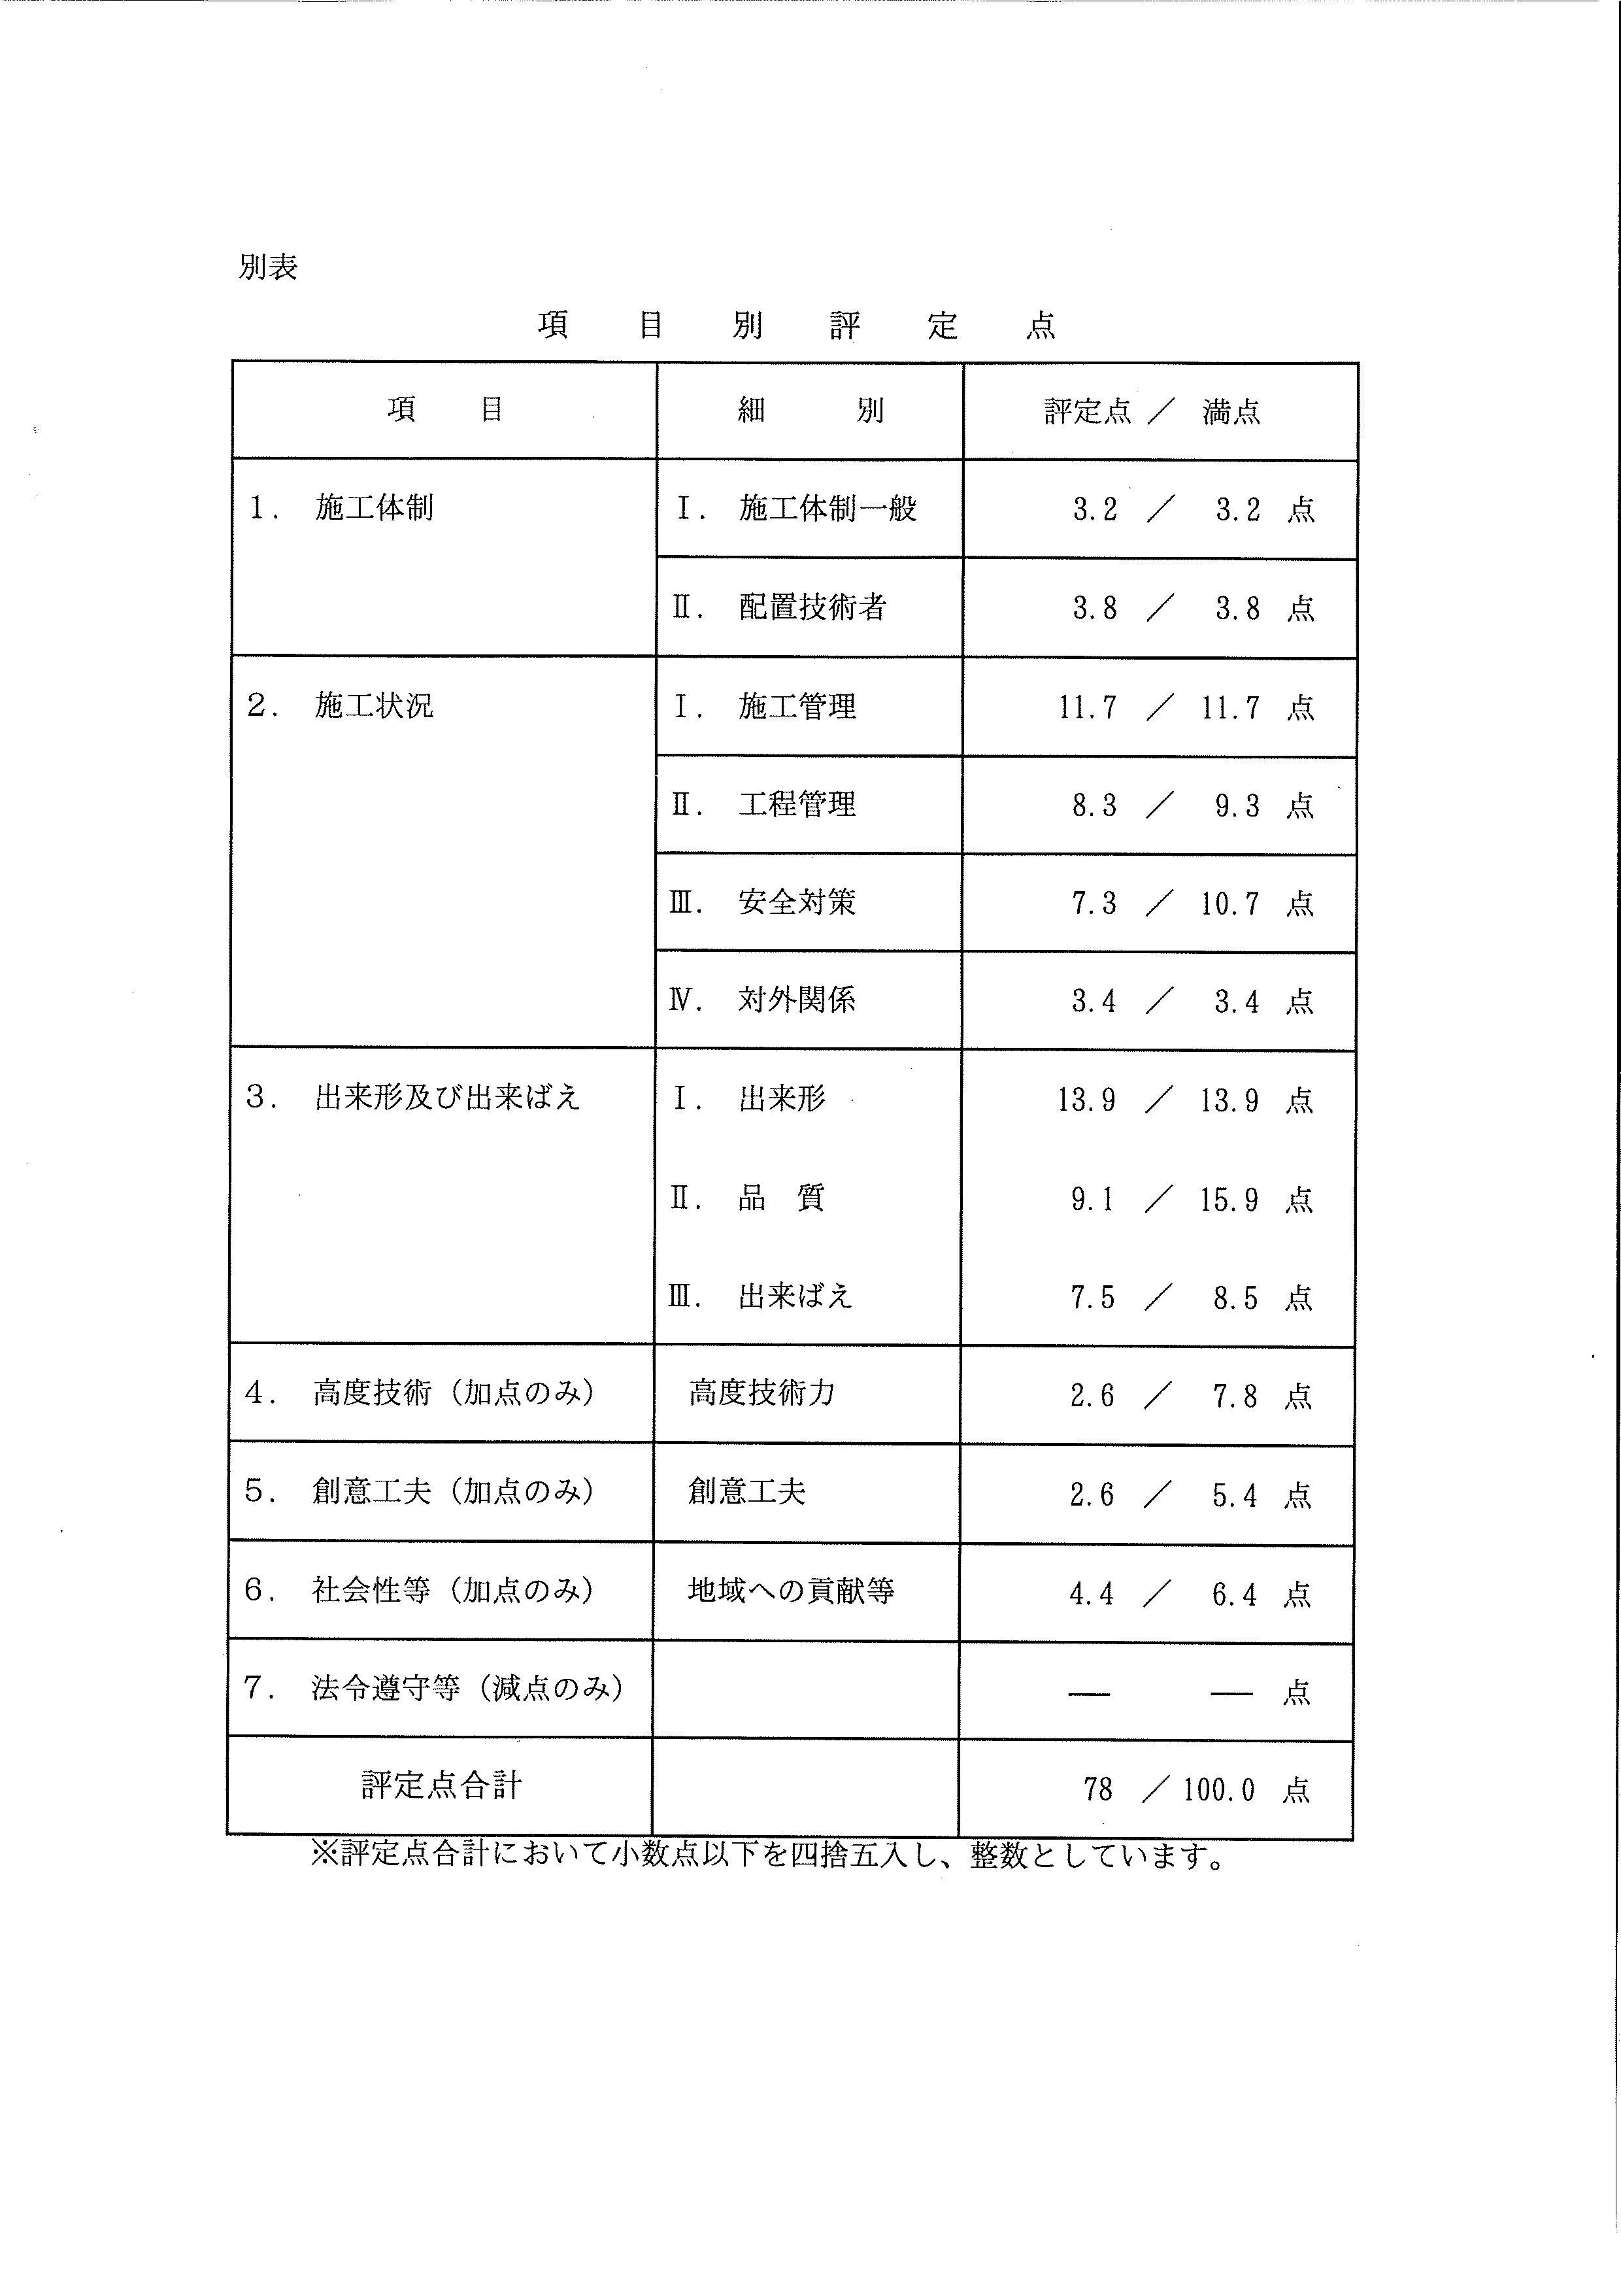 武蔵野小学校 工事成績評定通知書_b0172896_1753585.jpg